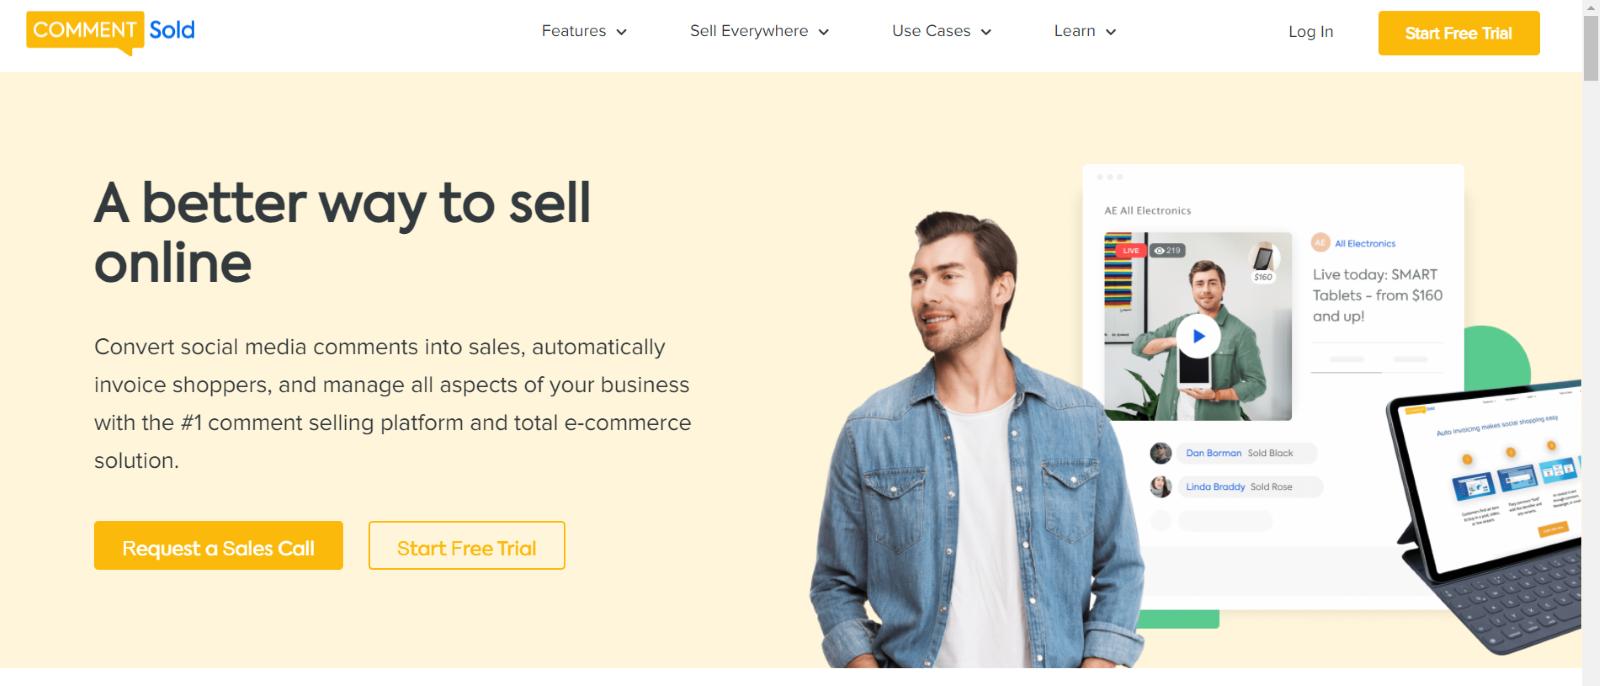 Facebook Live Sale- CommentSold | Upraft